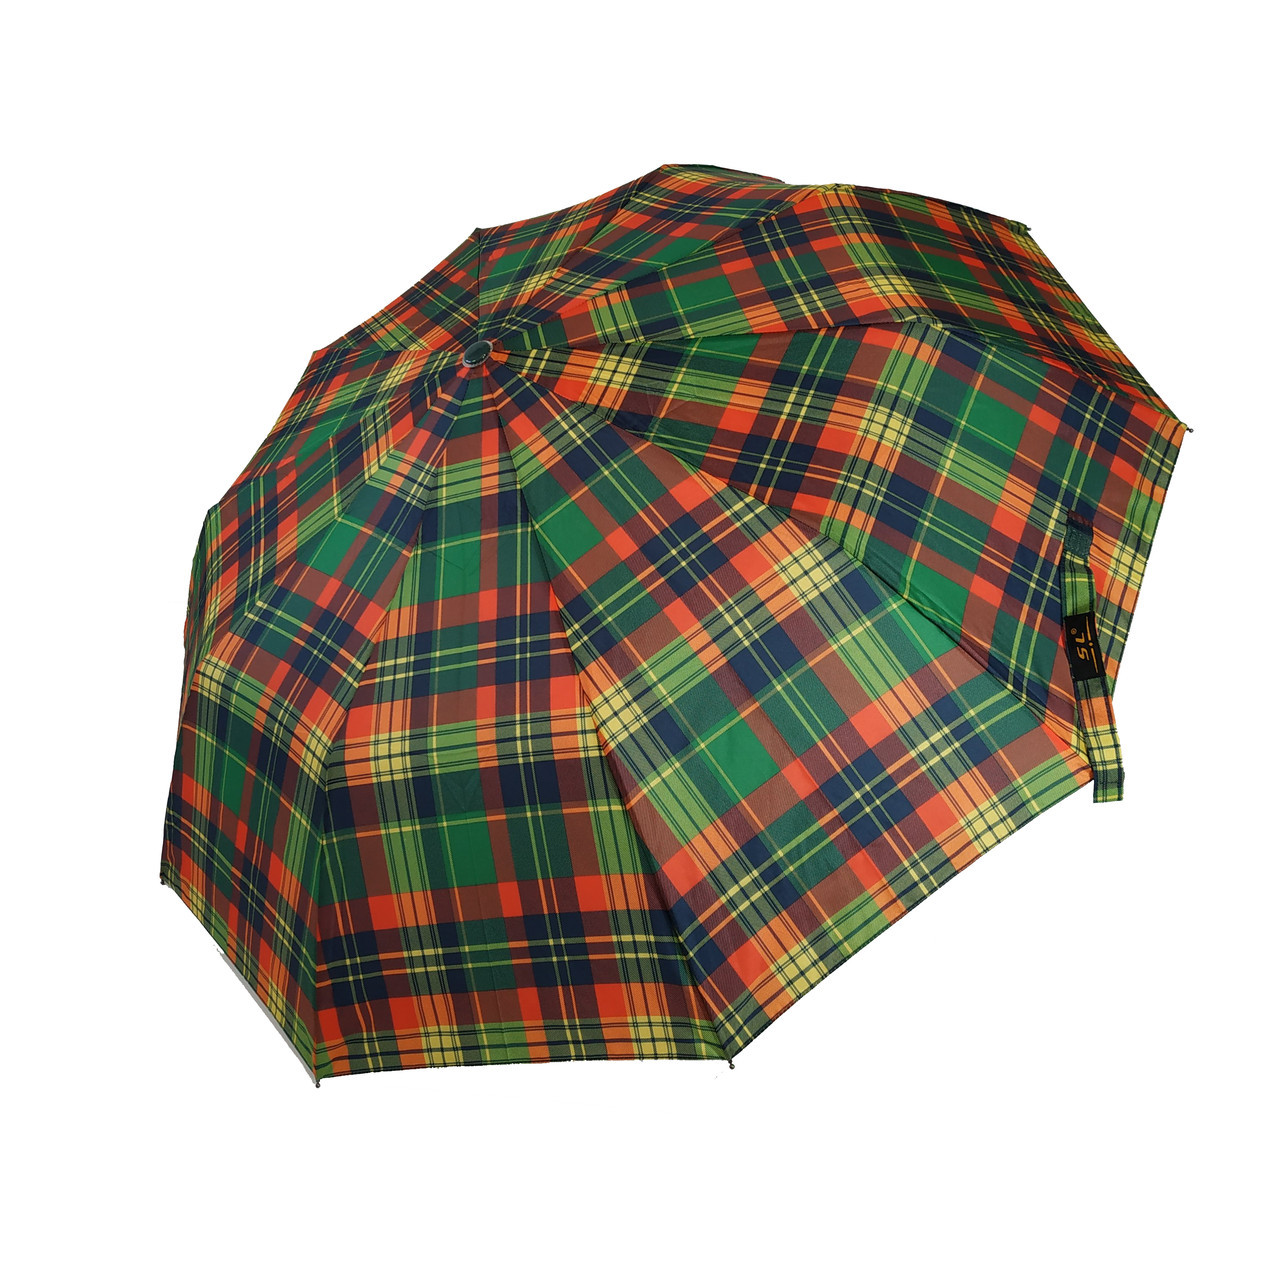 Зонт полуавтомат SL Сell в клетку Разноцветный (475-4)